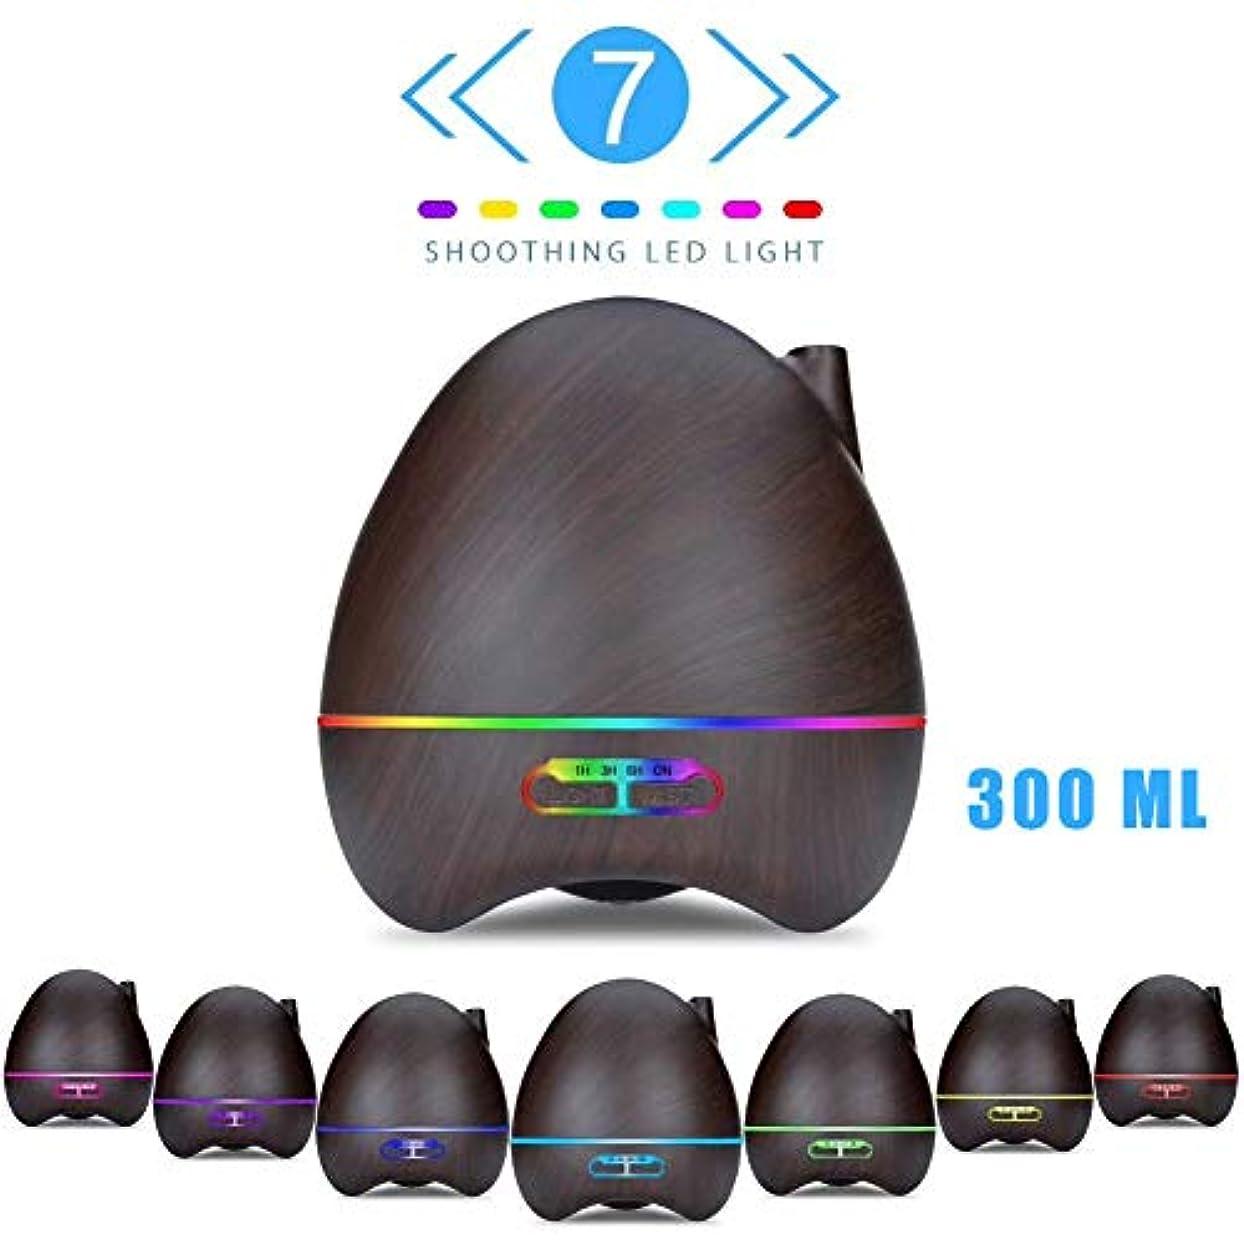 割り込みぬれたゆりエッセンシャルオイルディフューザー、300ml木目アロマセラピーディフューザー調節可能なミストモードのクールミストアロマ加湿器7色LEDライト